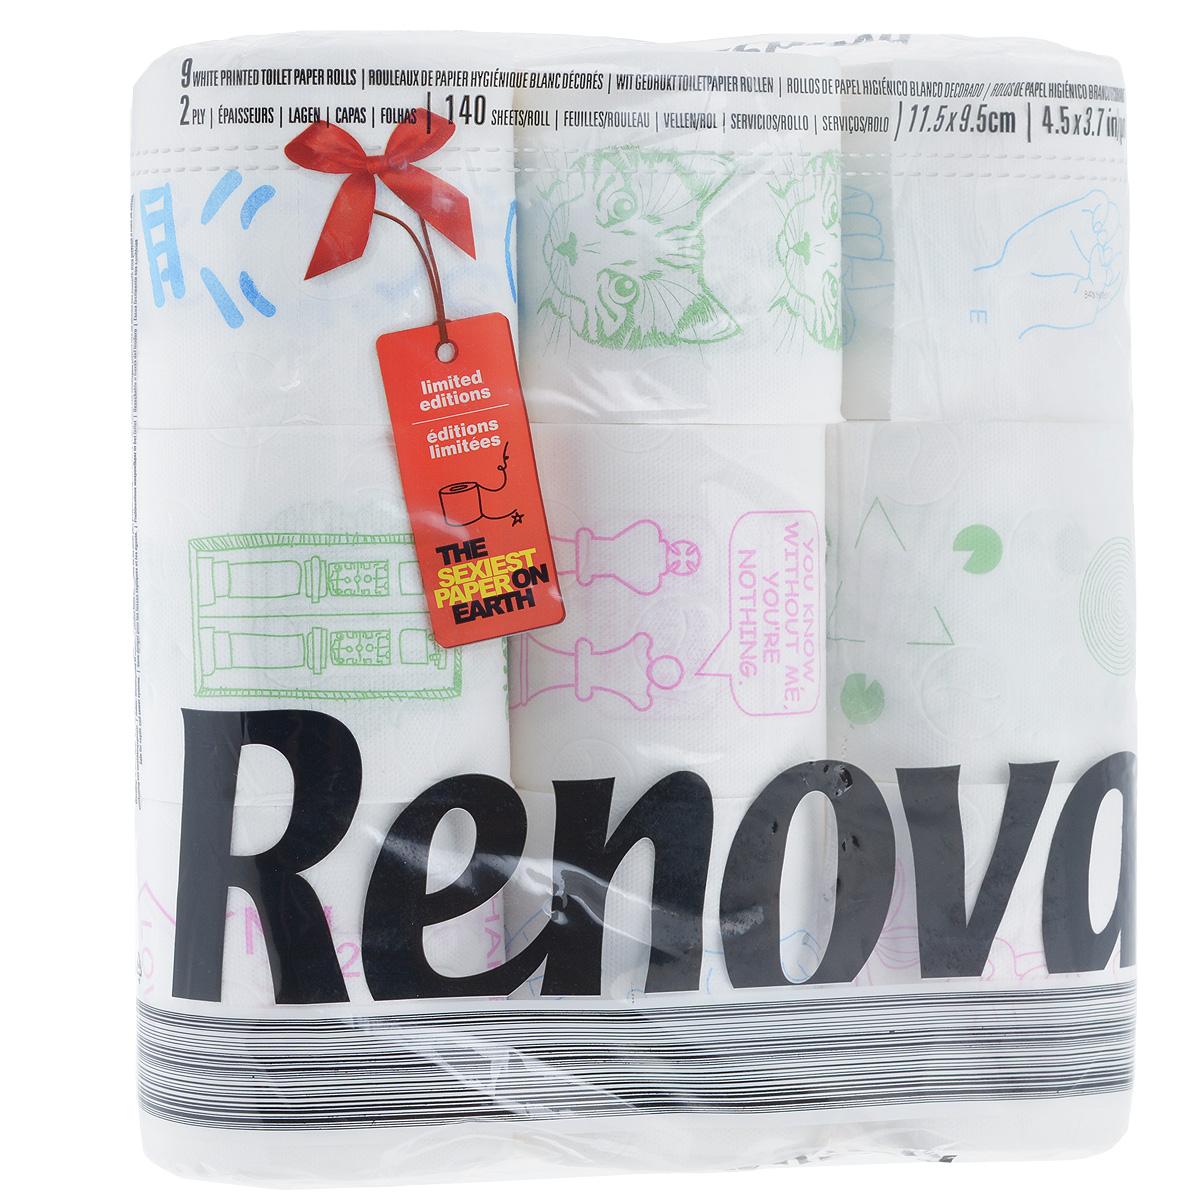 Туалетная бумага Renova Design, двухслойная, цвет: белый, 9 рулонов10684/5C TOONТуалетная бумага Renova Design изготовлена по новейшей технологии из 100% целлюлозы, благодаря чему она очень мягкая, нежная, но в тоже время прочная. Перфорация надежно скрепляет слои бумаги. Туалетная бумага Renova Design сочетает в себе простоту и оригинальность. На каждом листе туалетной бумаге разное цветное изображение.Состав: 100% целлюлоза. Количество листов: 140 шт.Количество слоев: 2.Размер листа: 11,5 см х 9,5 см.Количество рулонов: 9 шт.Португальская компания Renova является ведущим разработчиком новейших технологий производства, нового стиля и направления на рынке гигиенической продукции. Современный дизайн и высочайшее качество, дерматологический контроль - это то, что выделяет компанию Renova среди других производителей бумажной санитарно-гигиенической продукции.